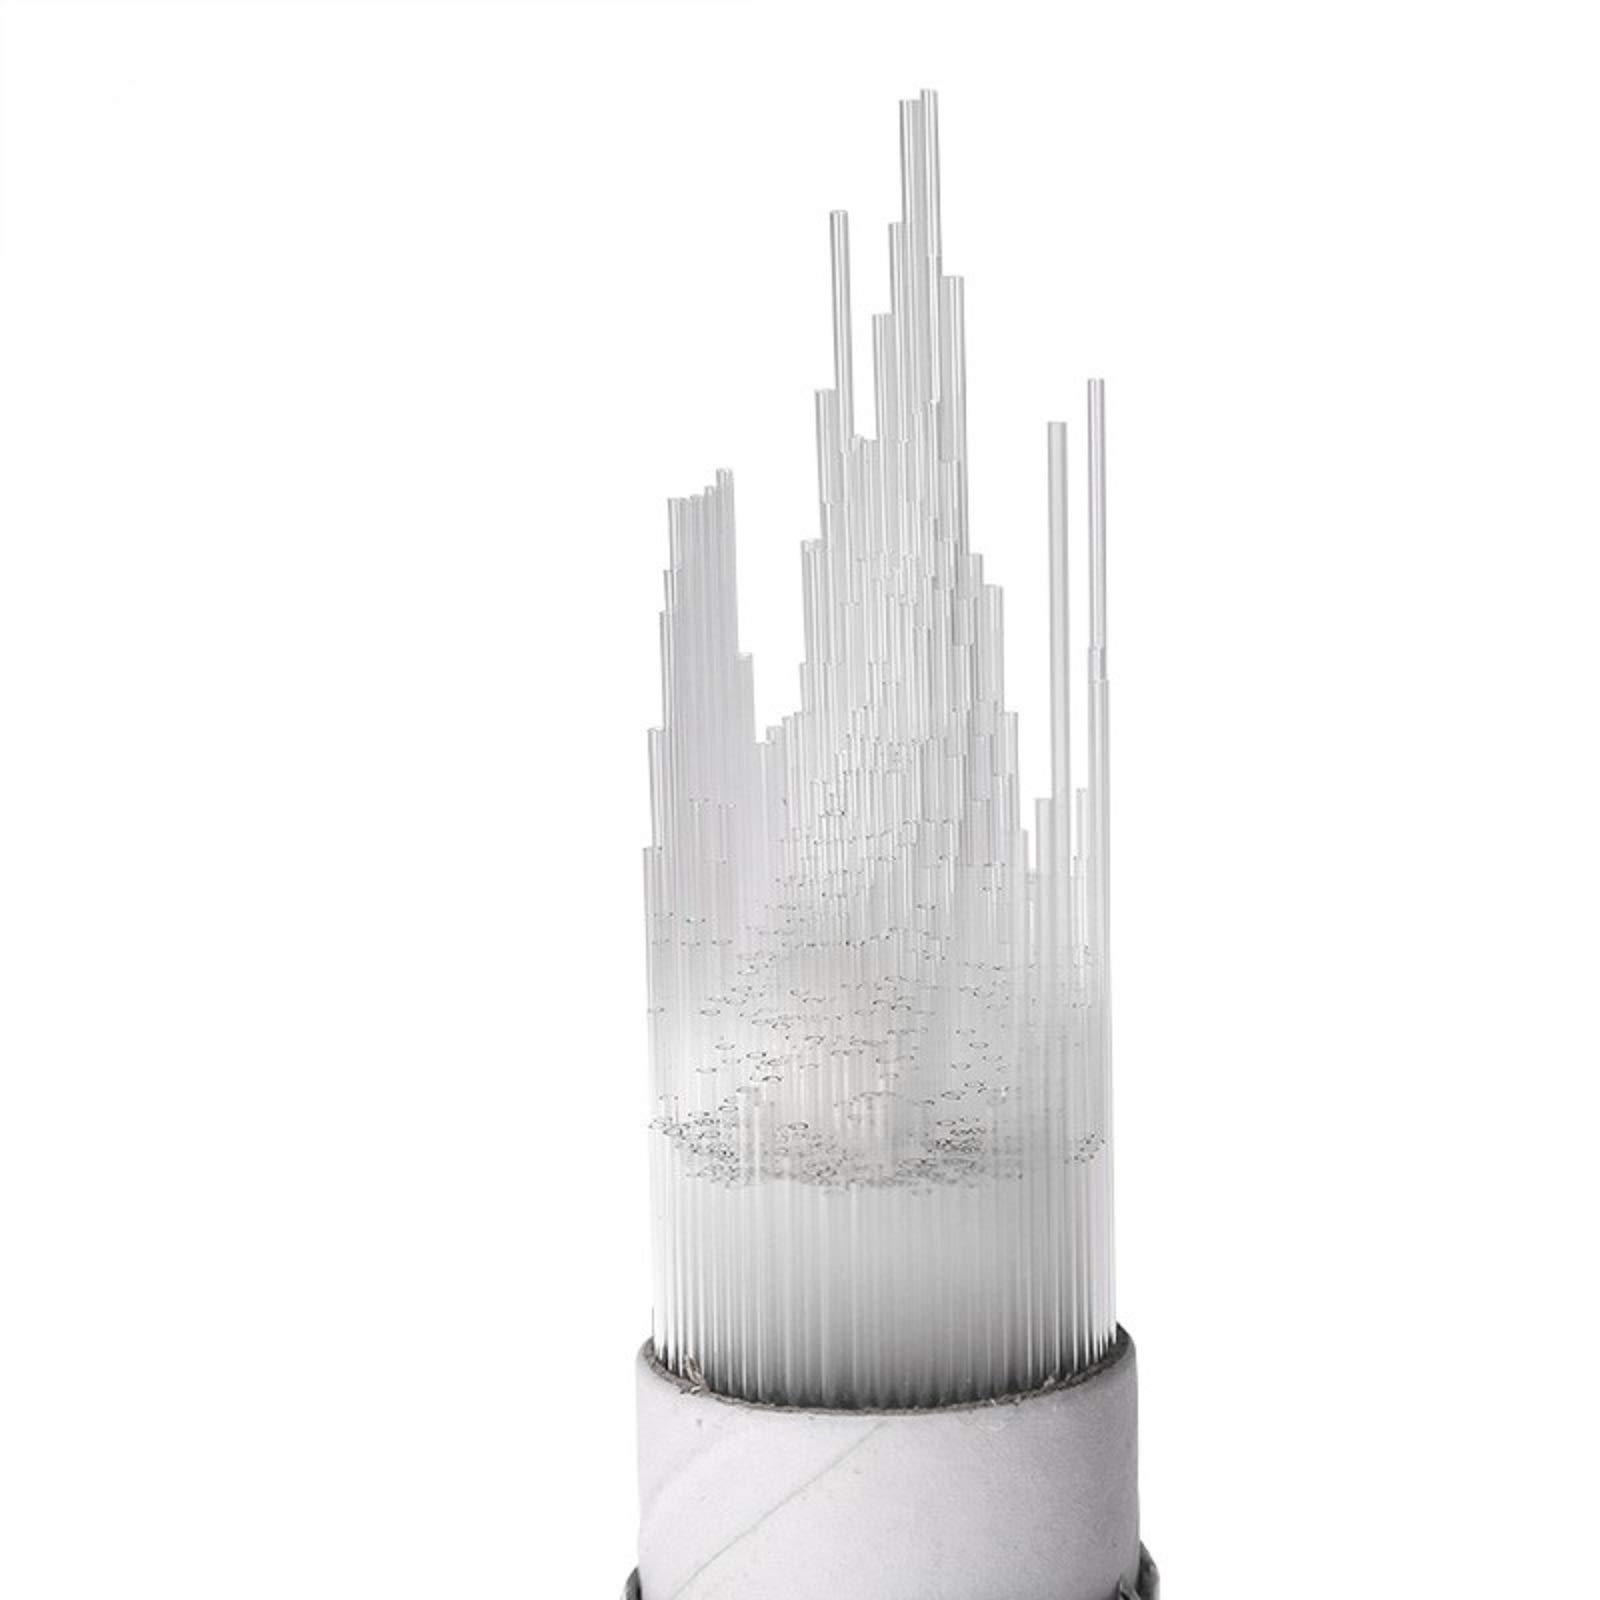 Deschem 500PCS,150mm,Glass Melting Point Capillary Tube,6'',ID 0.9-1.1 mm,Both Open Ends by Deschem